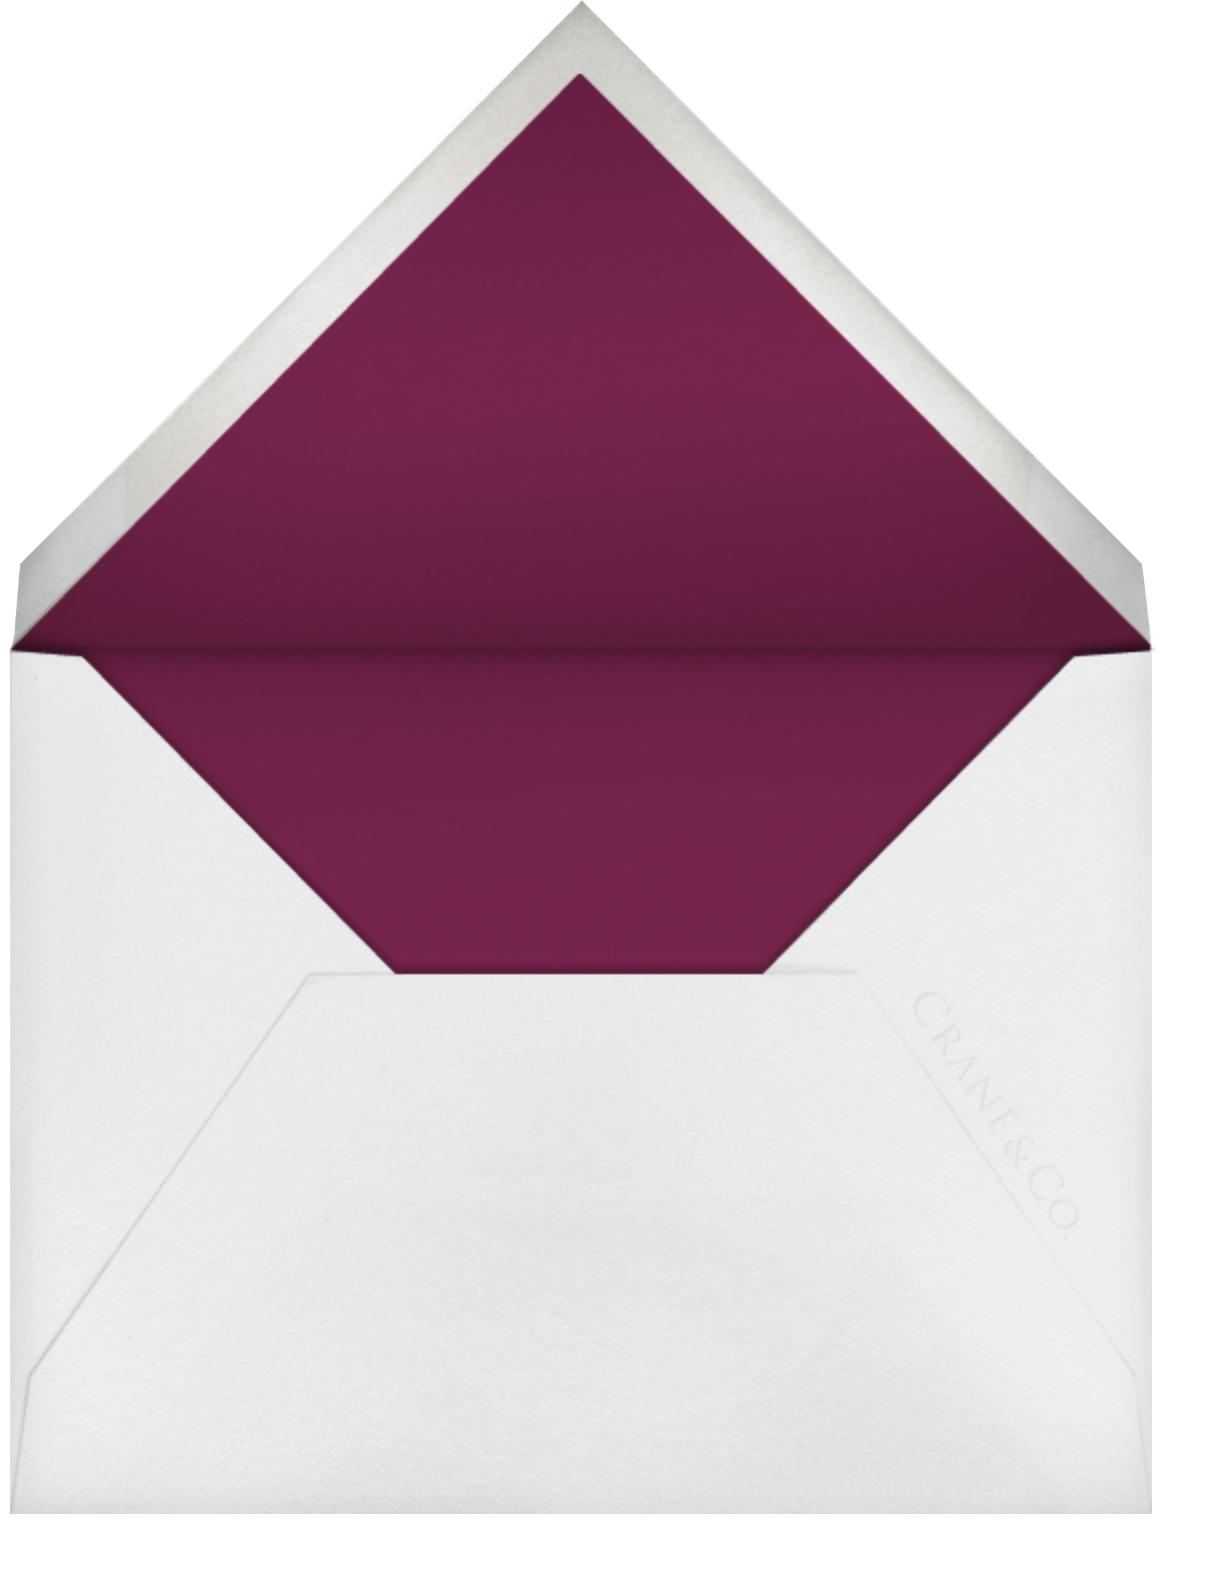 Fieldstone - Pewter Grey - Paperless Post - Envelope